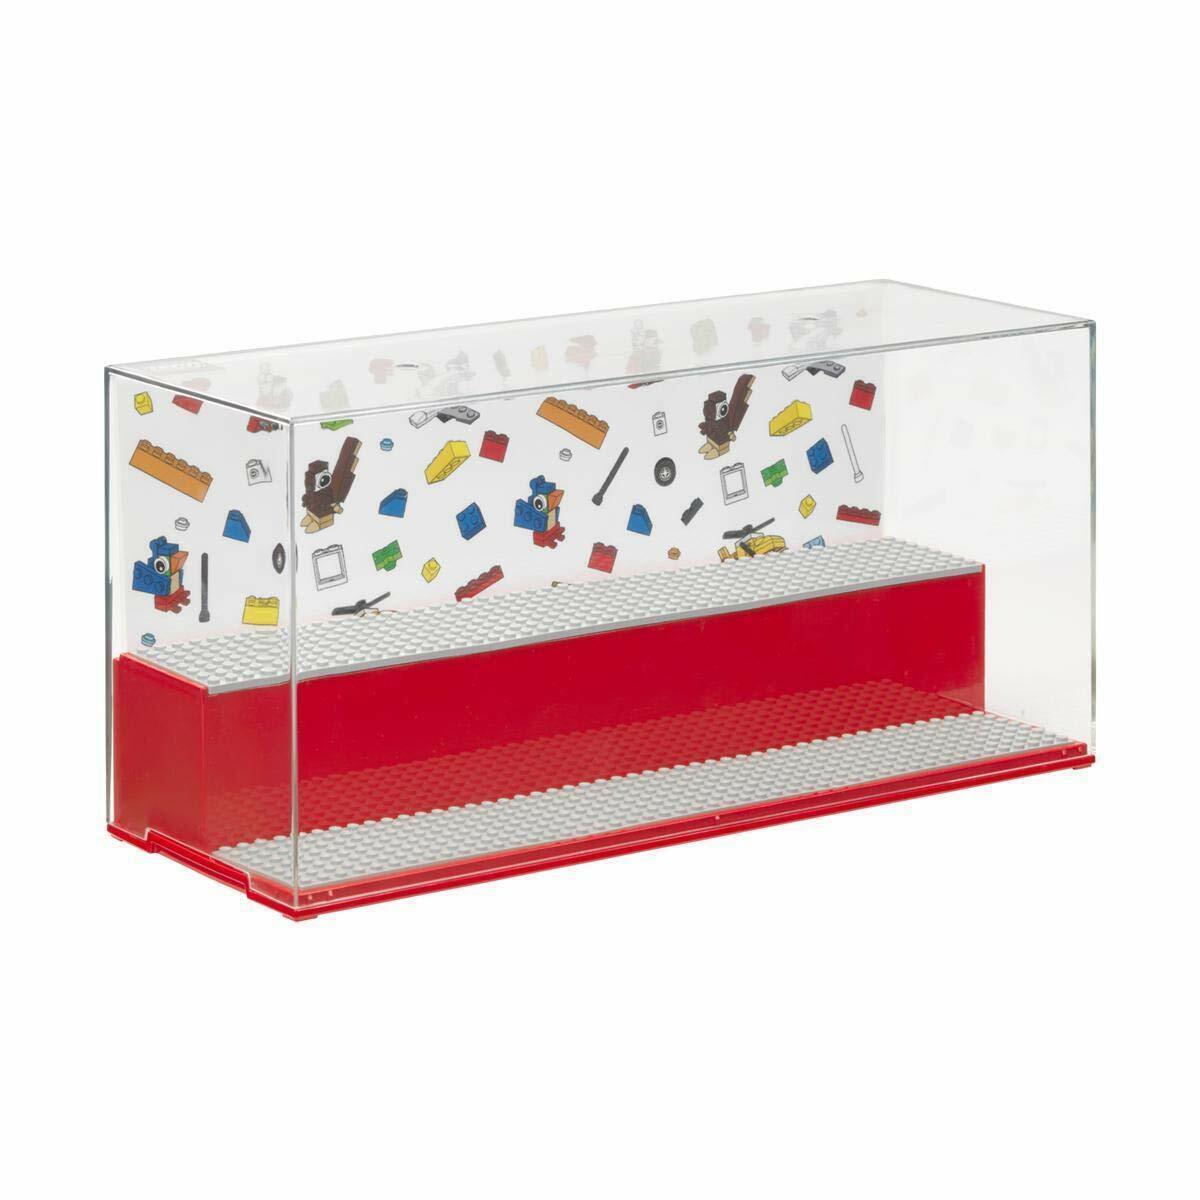 Lego Rouge Jeu & Boîte de Présentation Tout Nouveau - 2 Niveau Écran D'Affichage